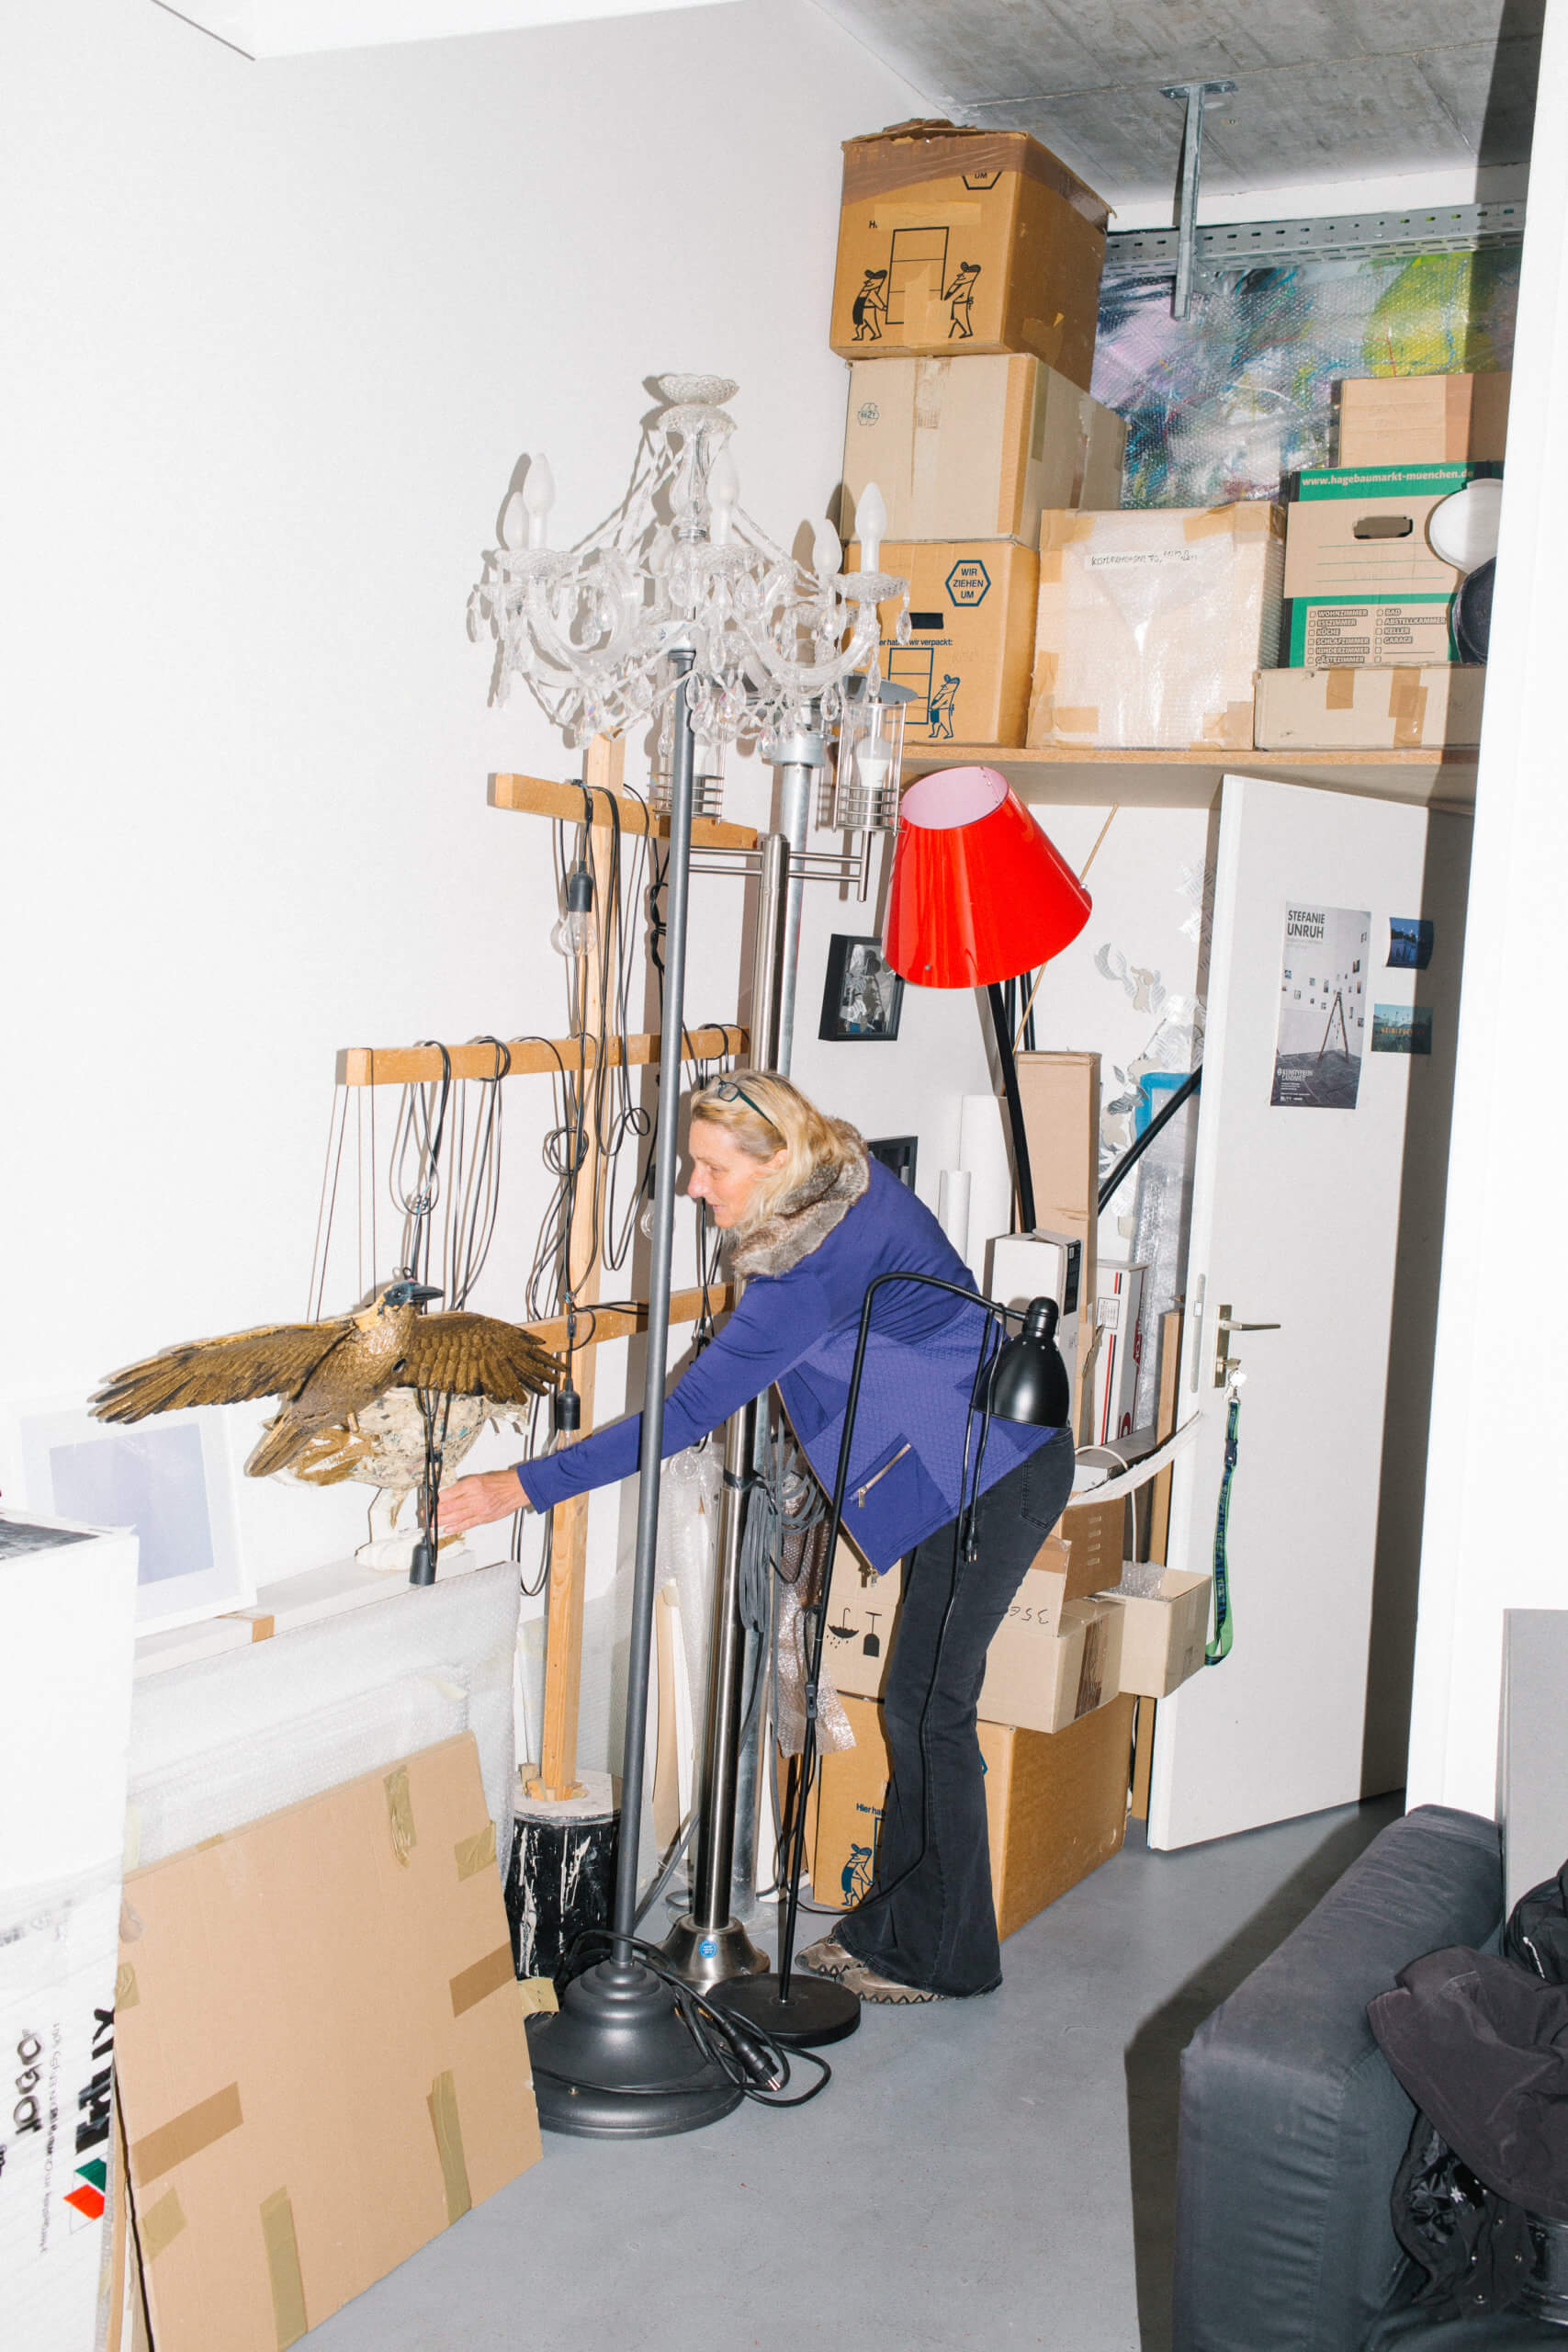 Es wird die Künstlerin im Halbprofil, stehend in ihrem Atelier gezeigt. Sie hält ien Platsiokvogel in der Hand, welcher an einer Stange an der Wand hängt.